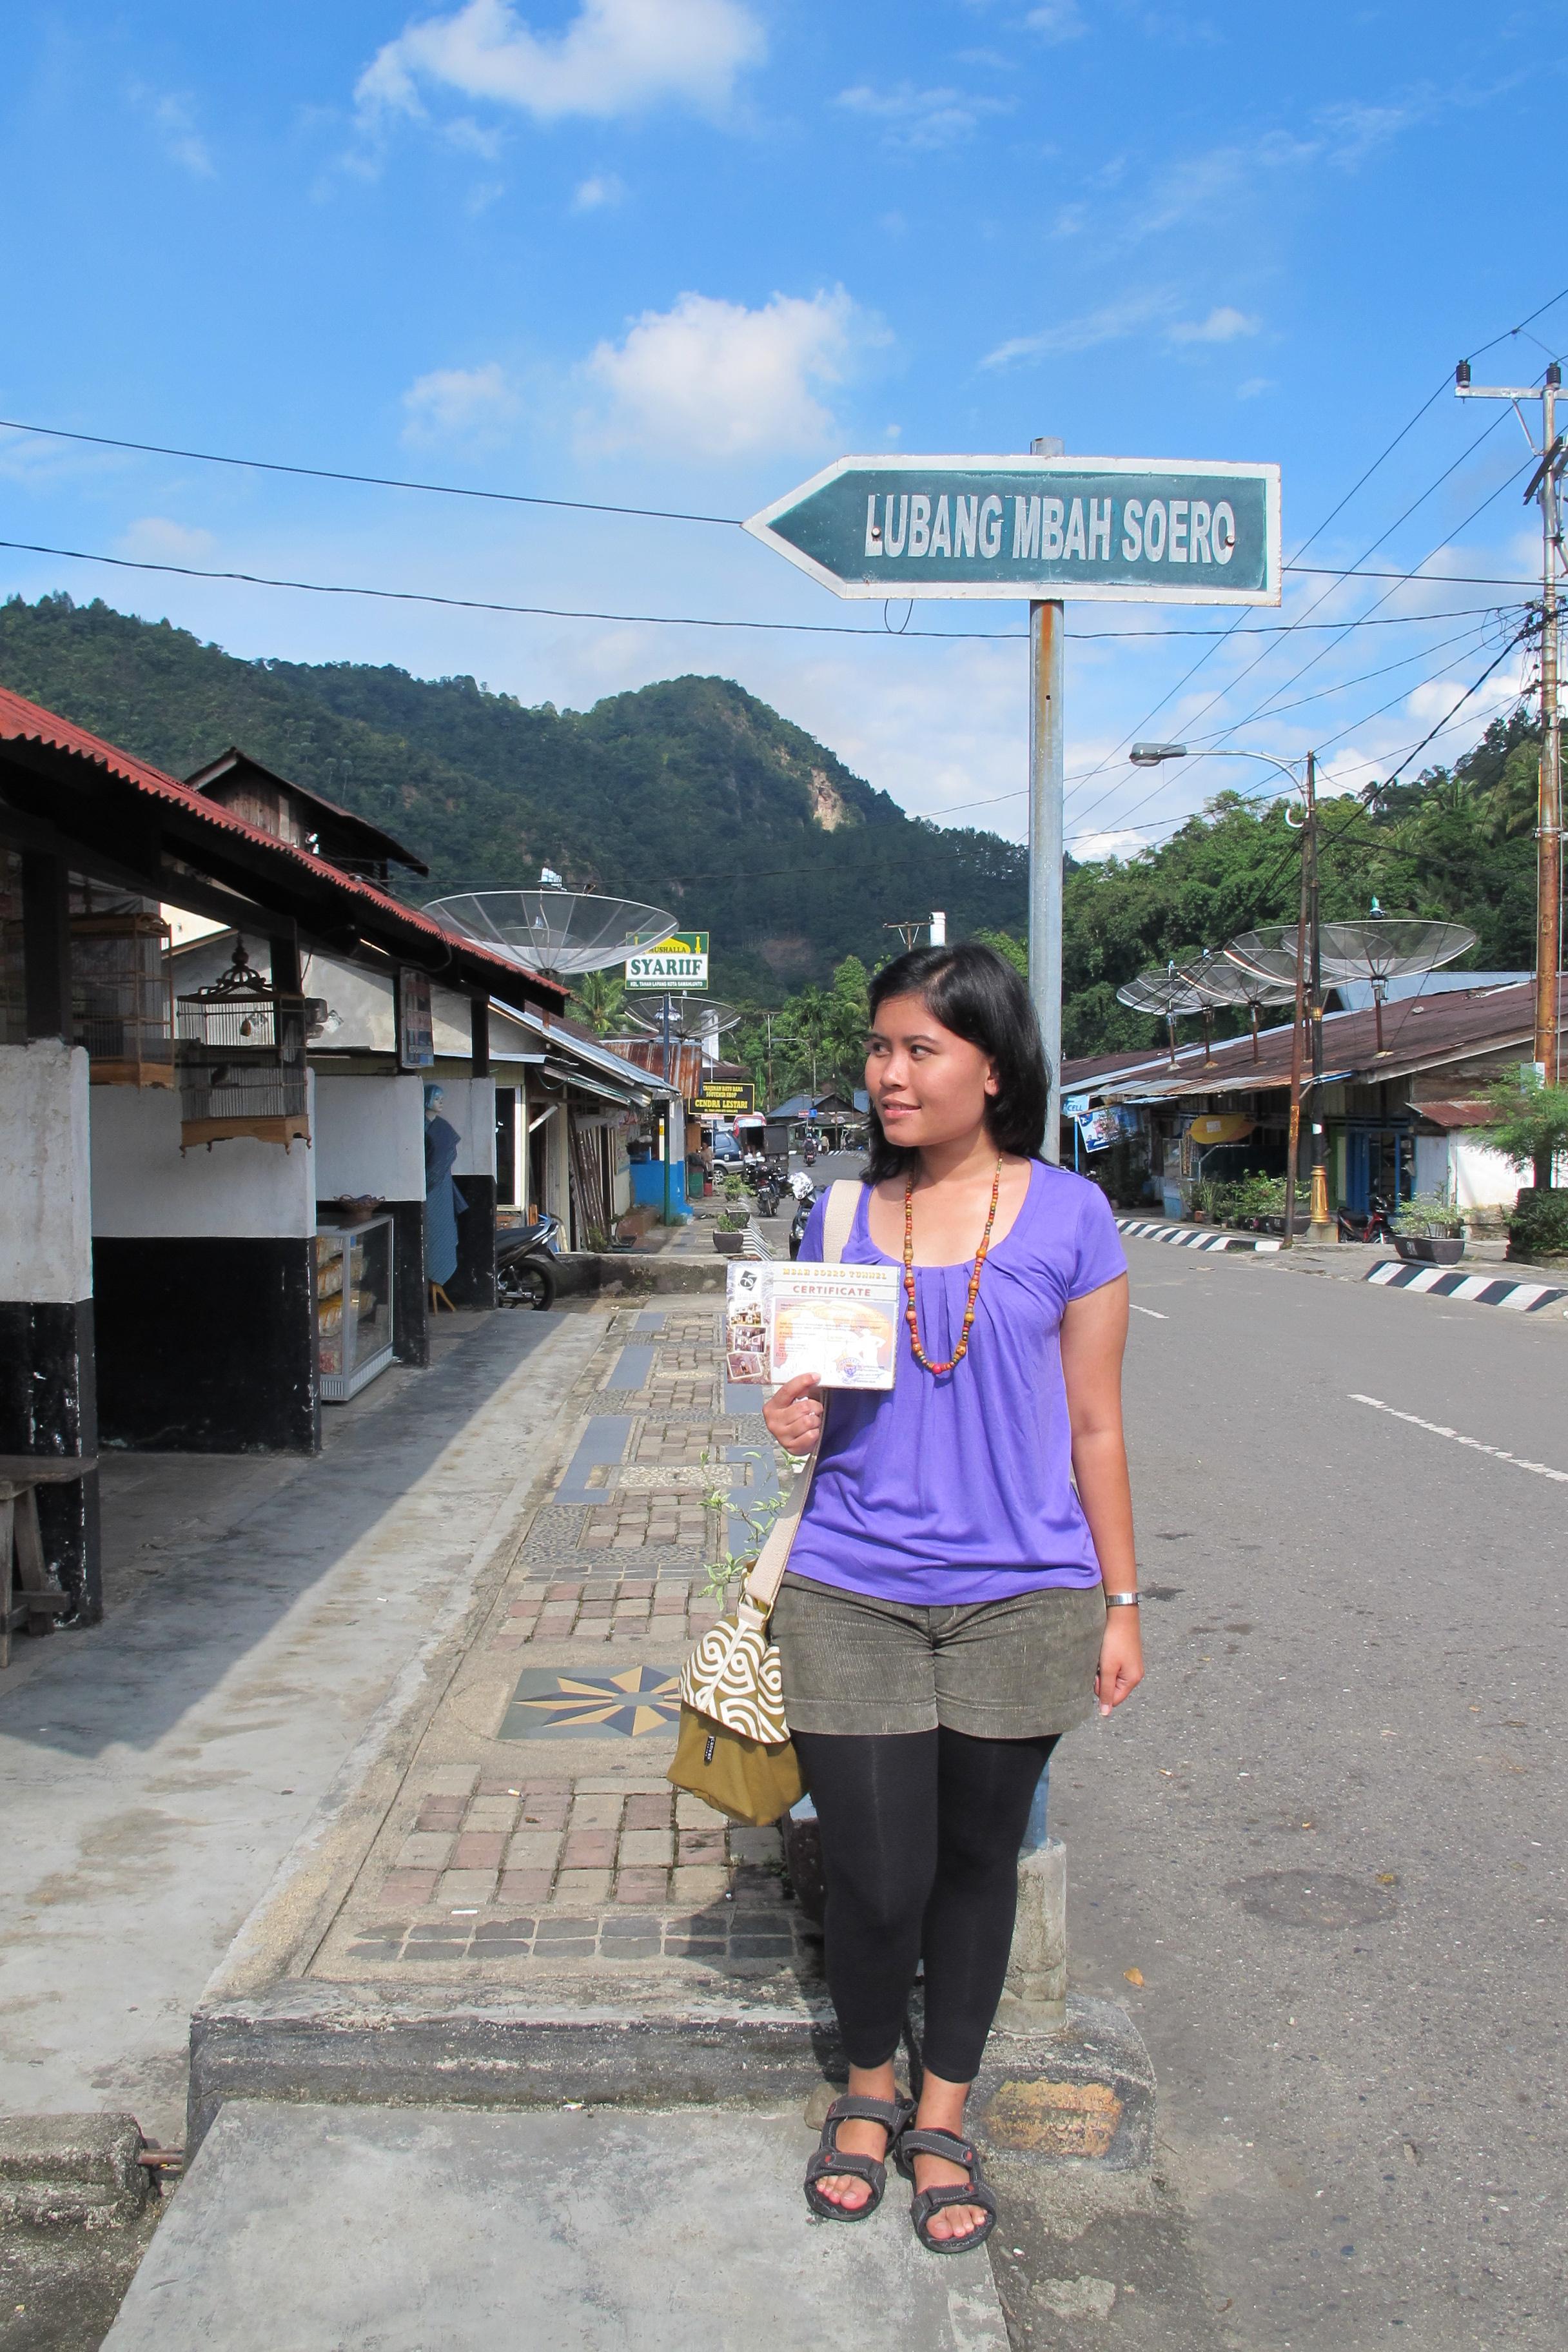 Salah satu jalan utama di Sawah Lunto. Sepi ya? : ))